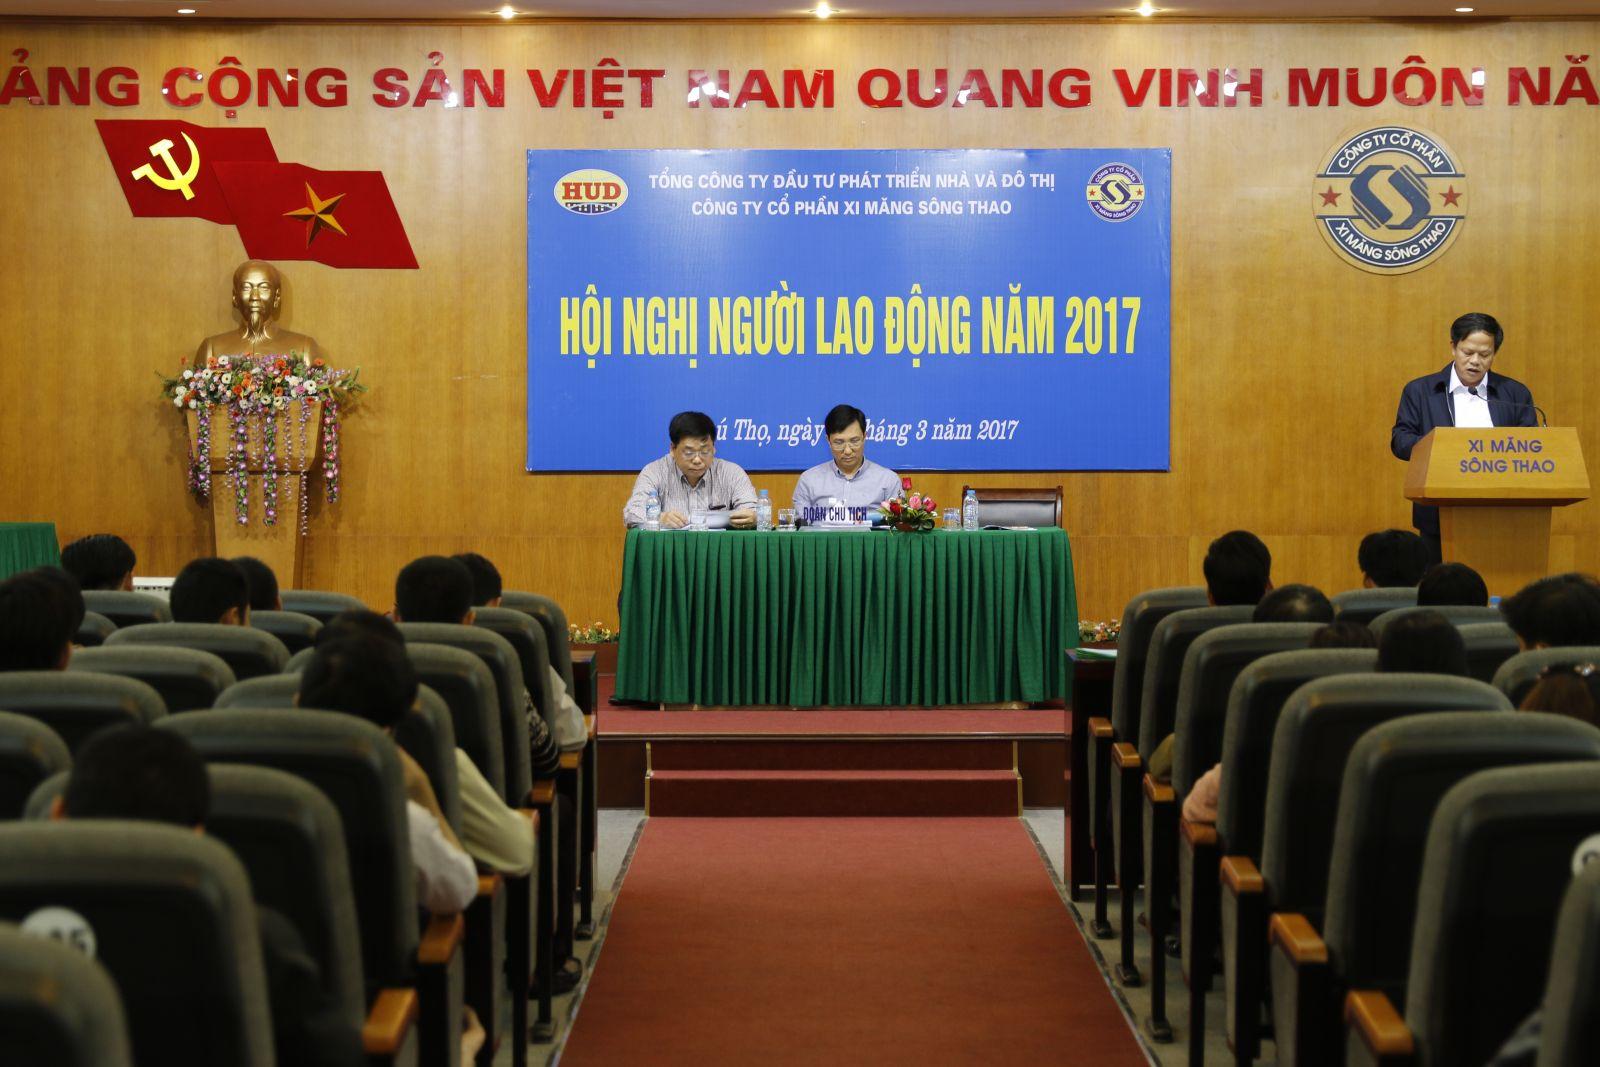 Hội nghị Người lao động năm 2017